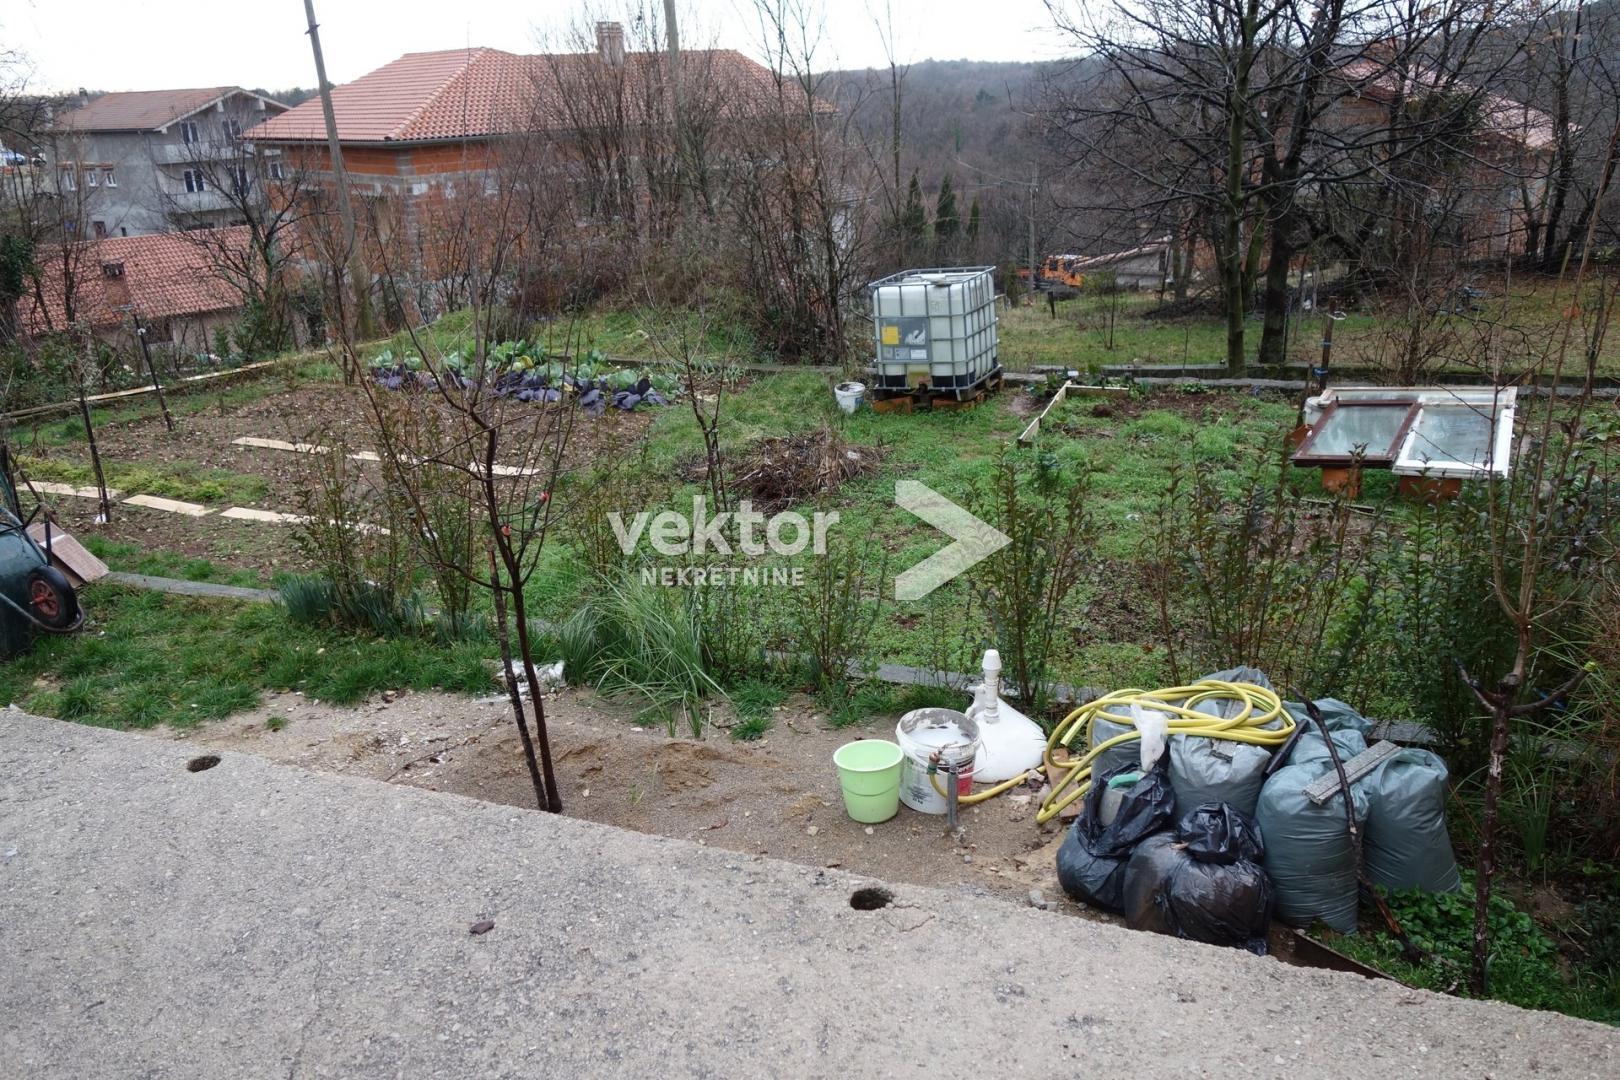 Wohnung Saršoni, Viškovo, 111,84m2